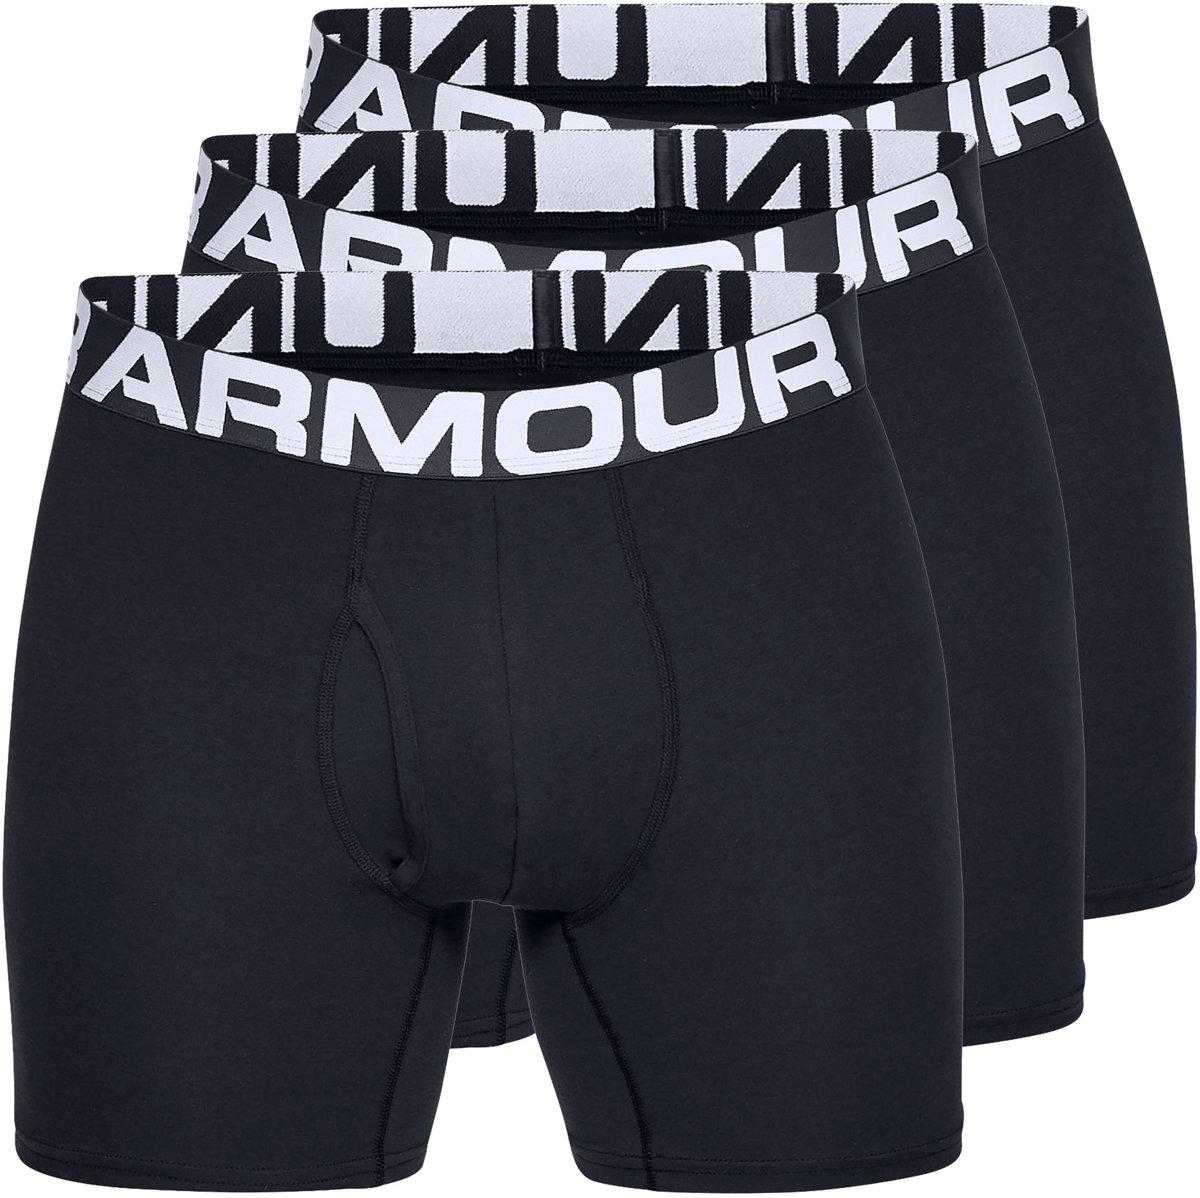 698664e8cd58 https://www.bol.com/nl/p/under-armour-siro-ss-sportshirt-heren-zwart ...